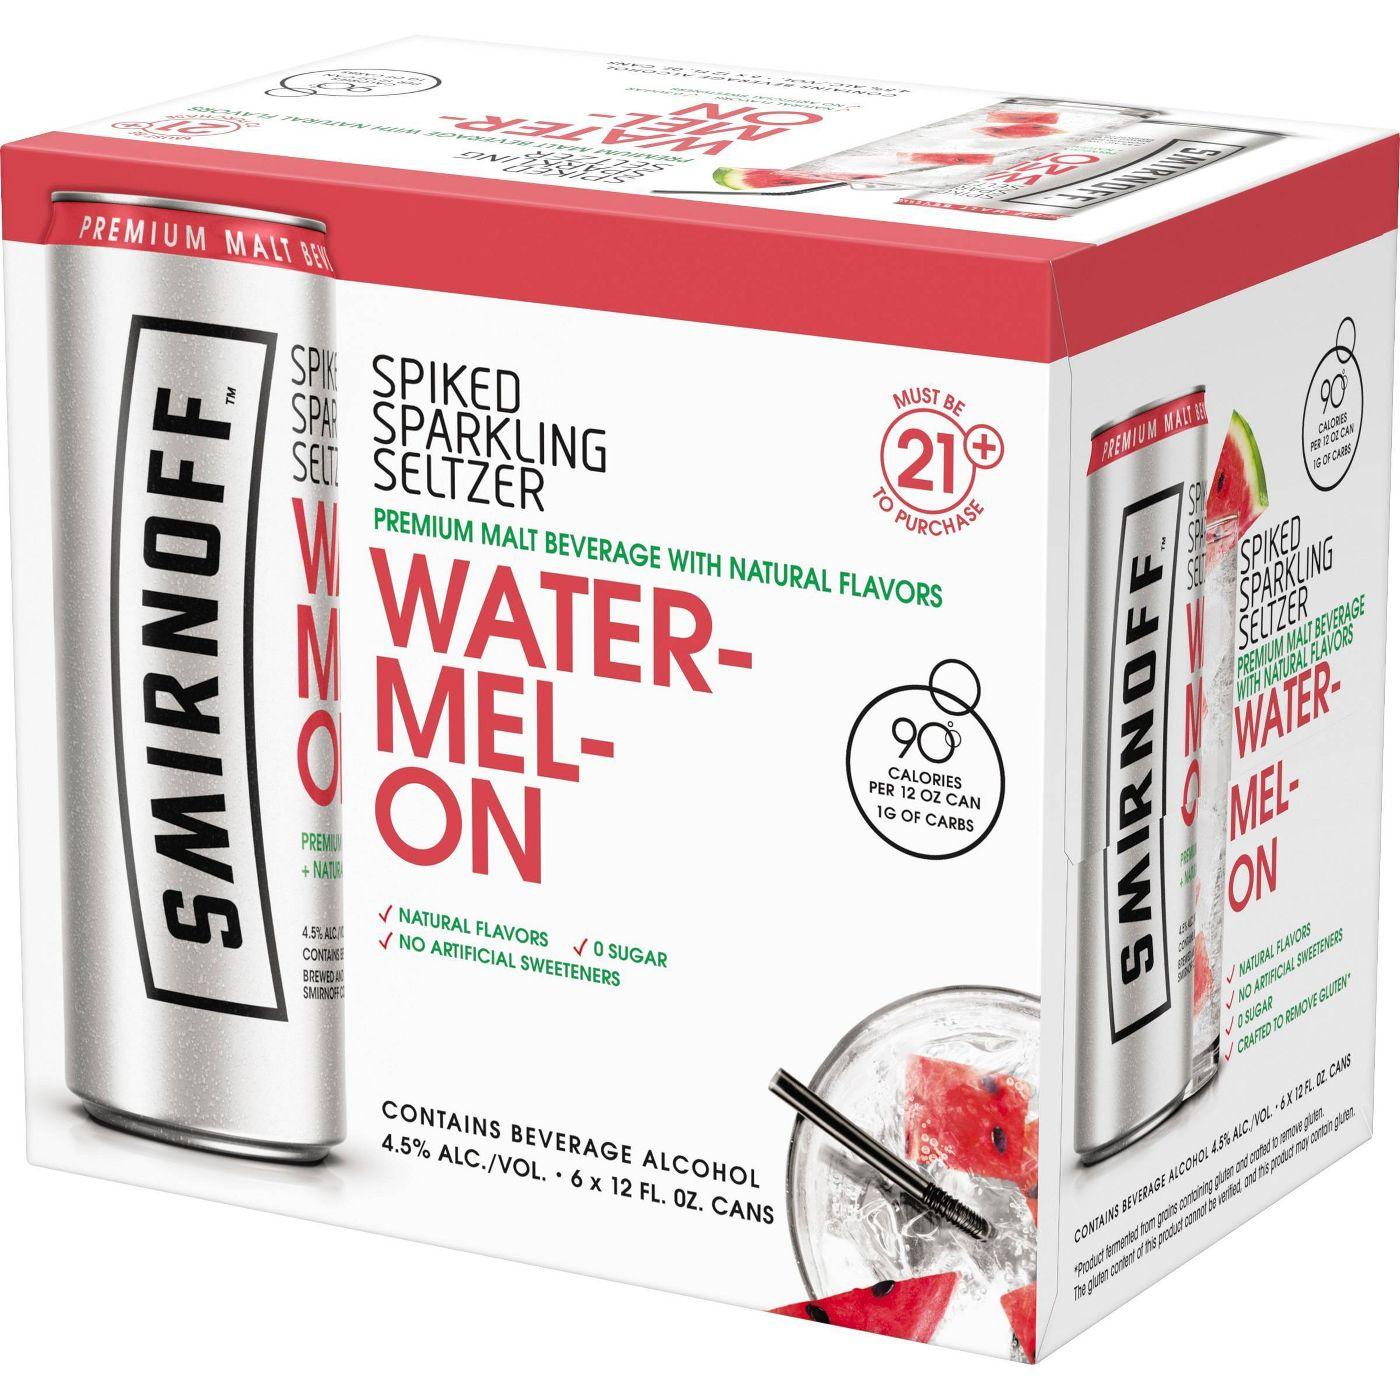 Smirnoff Watermelon Spiked Seltzer